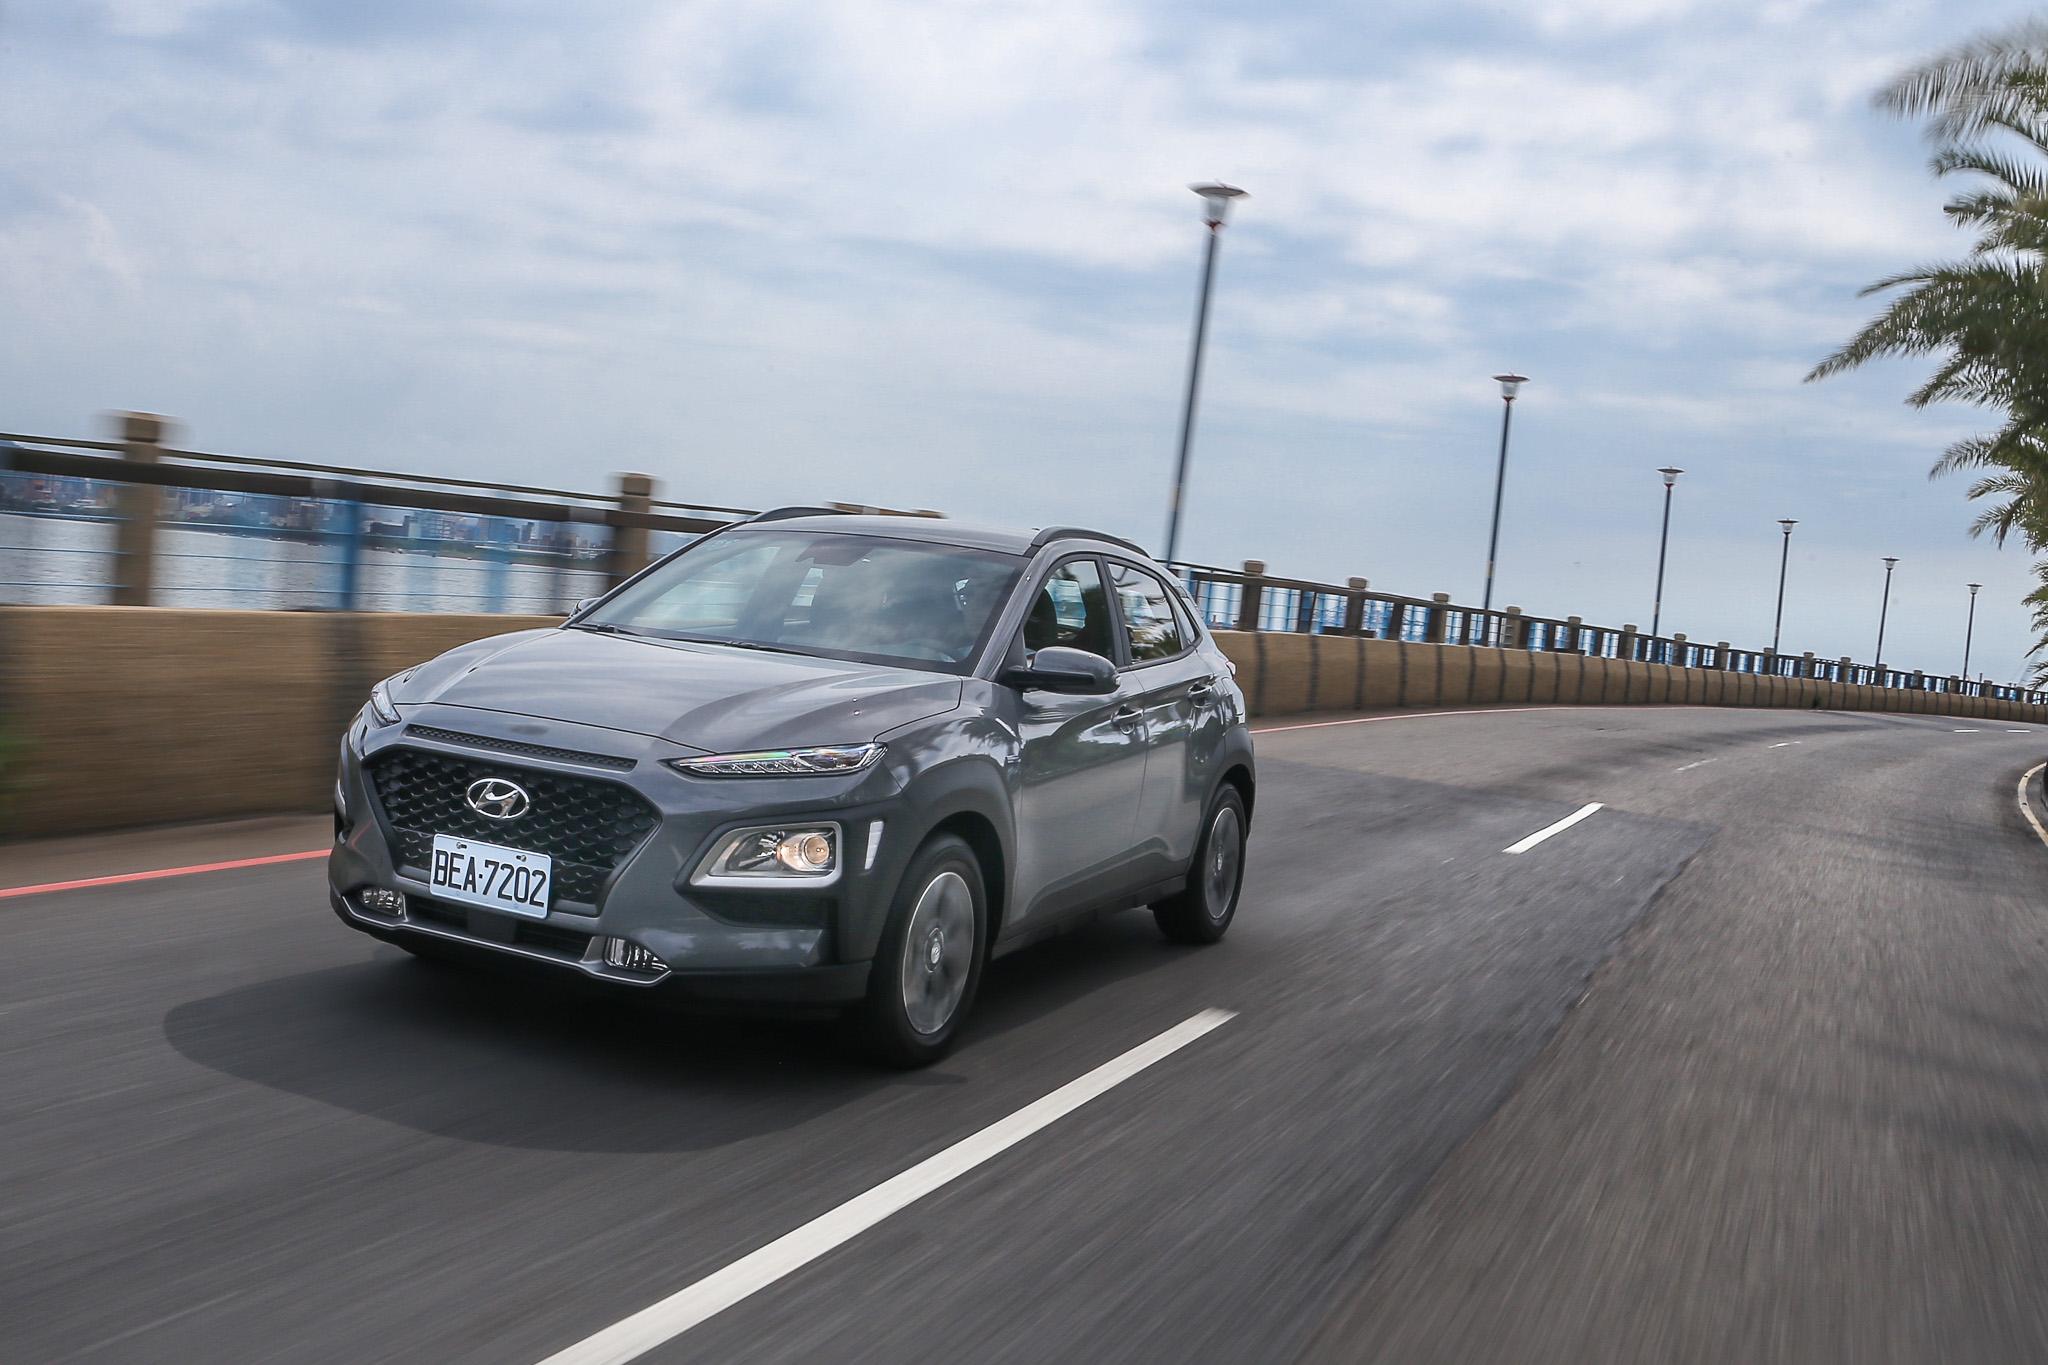 輪胎尺碼的調整加上後軸懸吊設計的改變,讓 Kona Hybrid 行路質感更為優異。